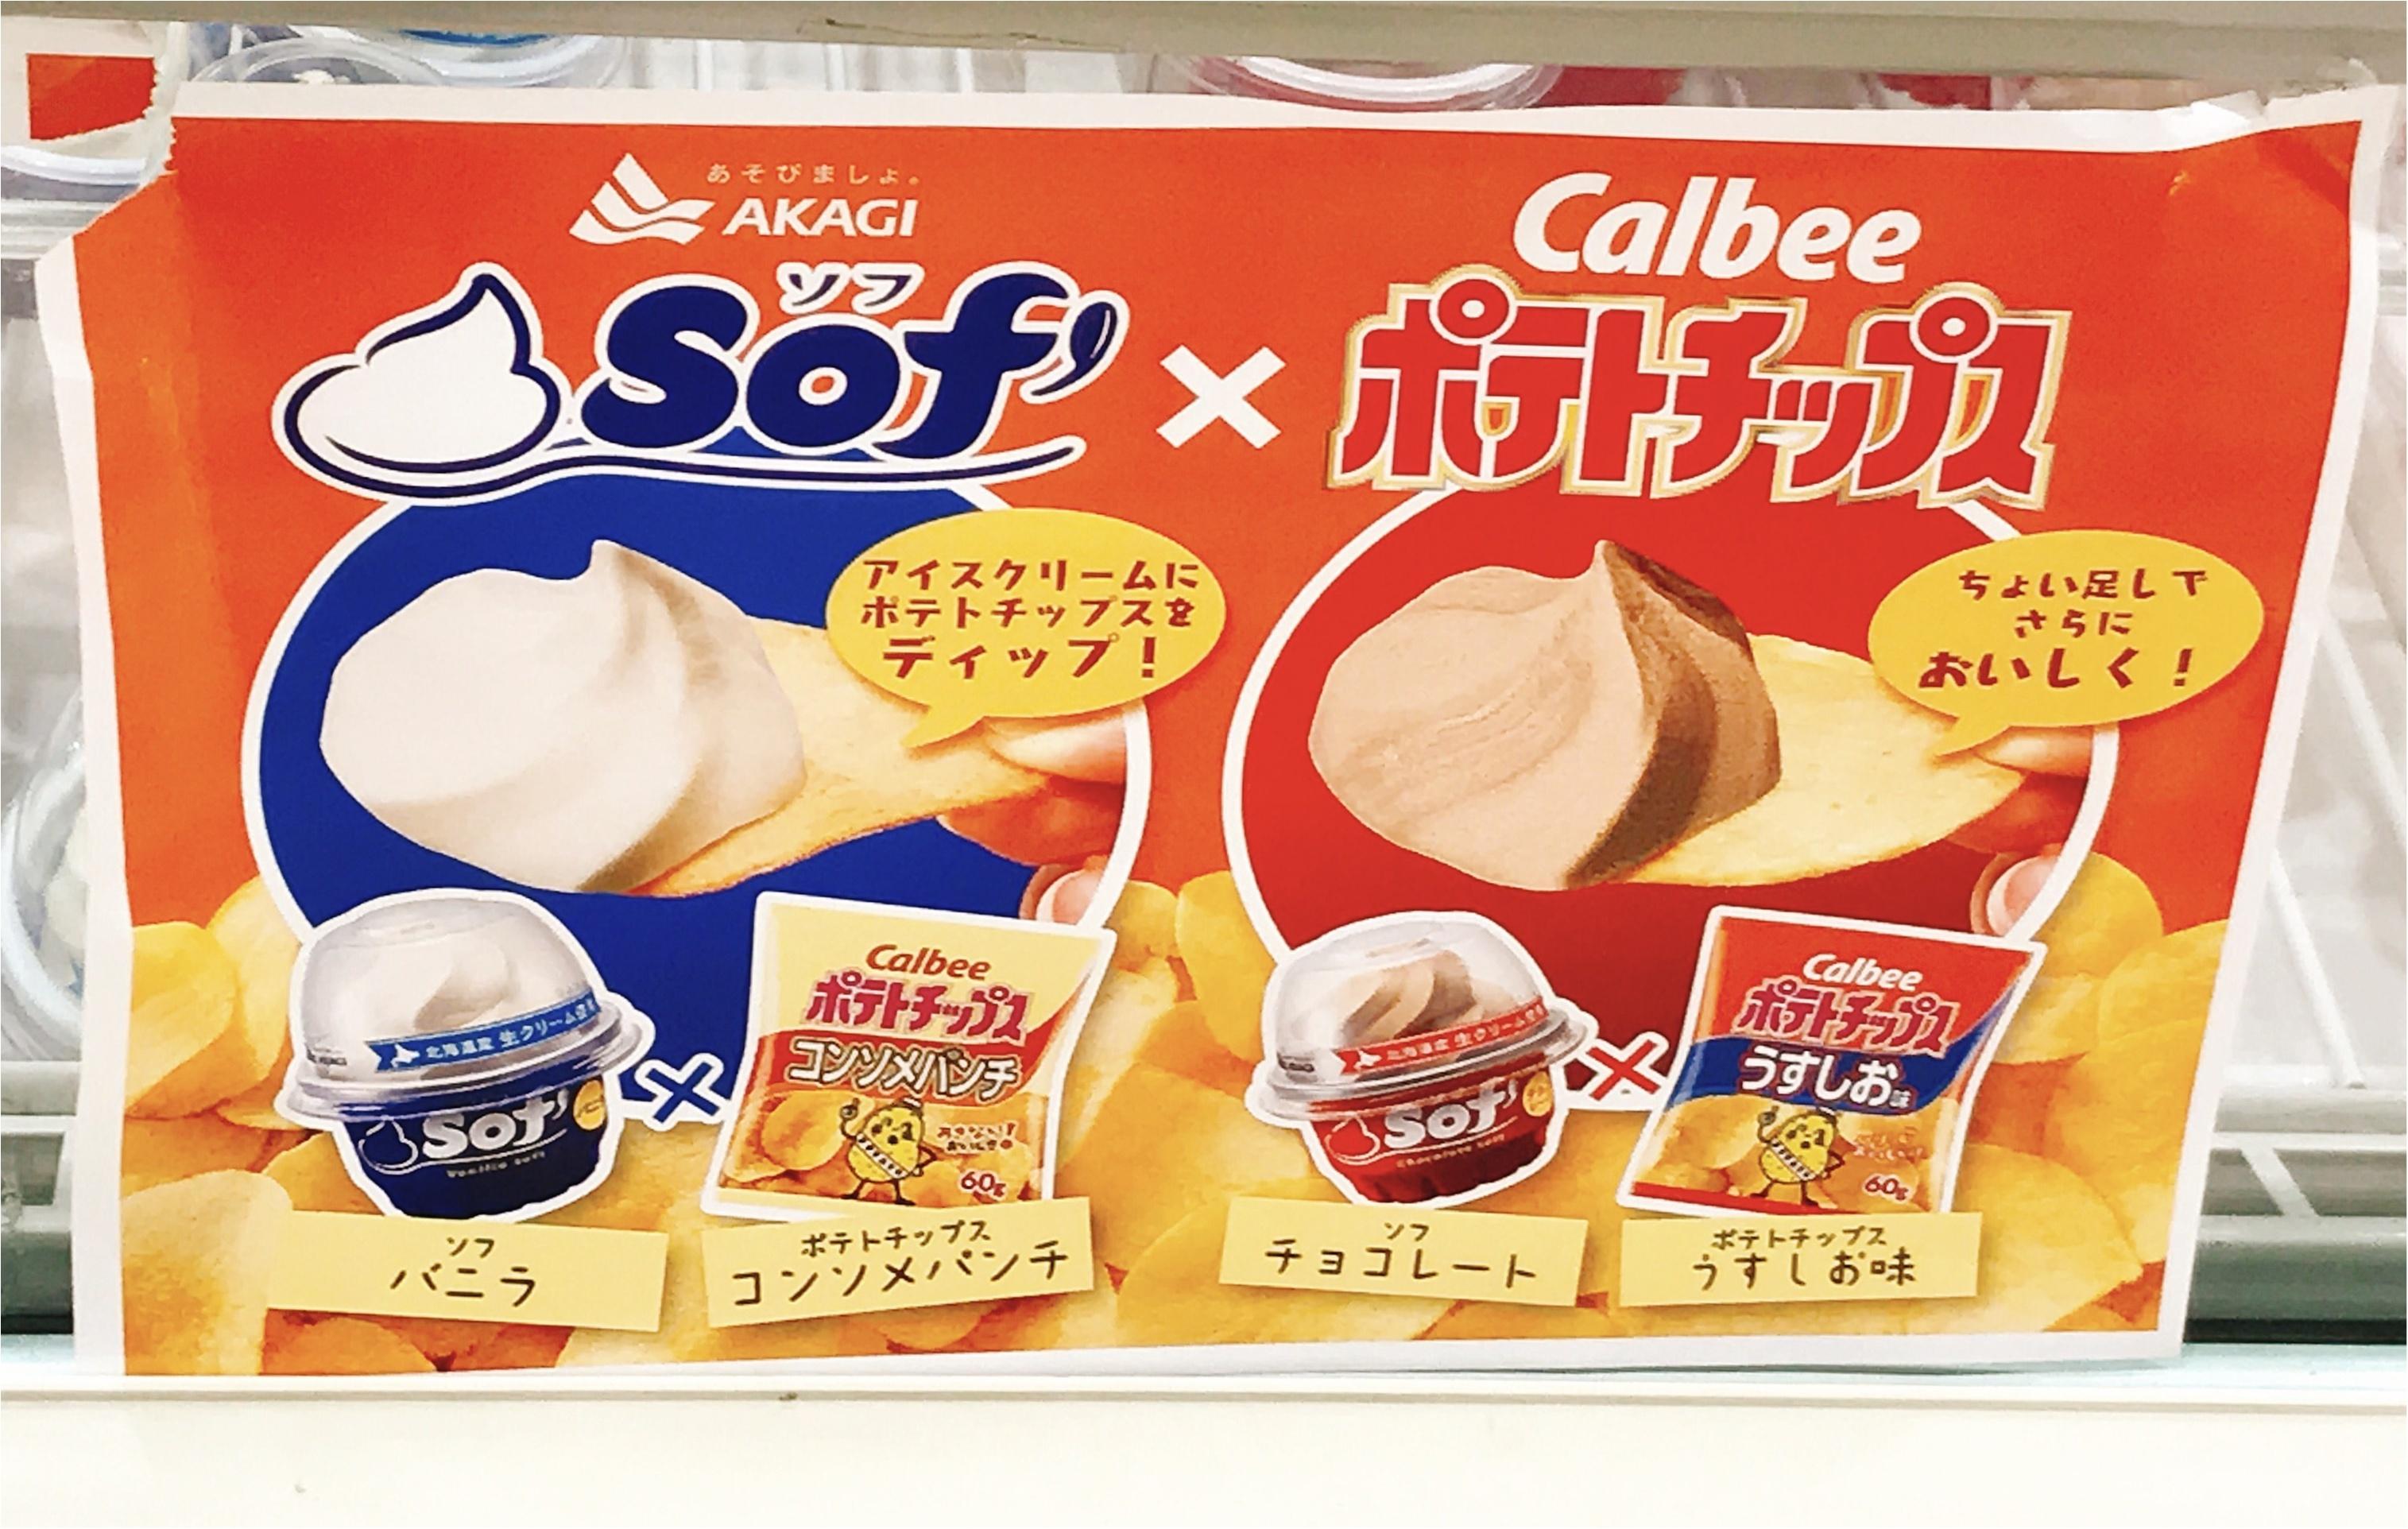 《本日発売の新商品‼︎》発売前からネットで話題‼︎ソフトクリームの上だけを商品化したカップアイス『Sof'(ソフ)』が気になるっ♡_4